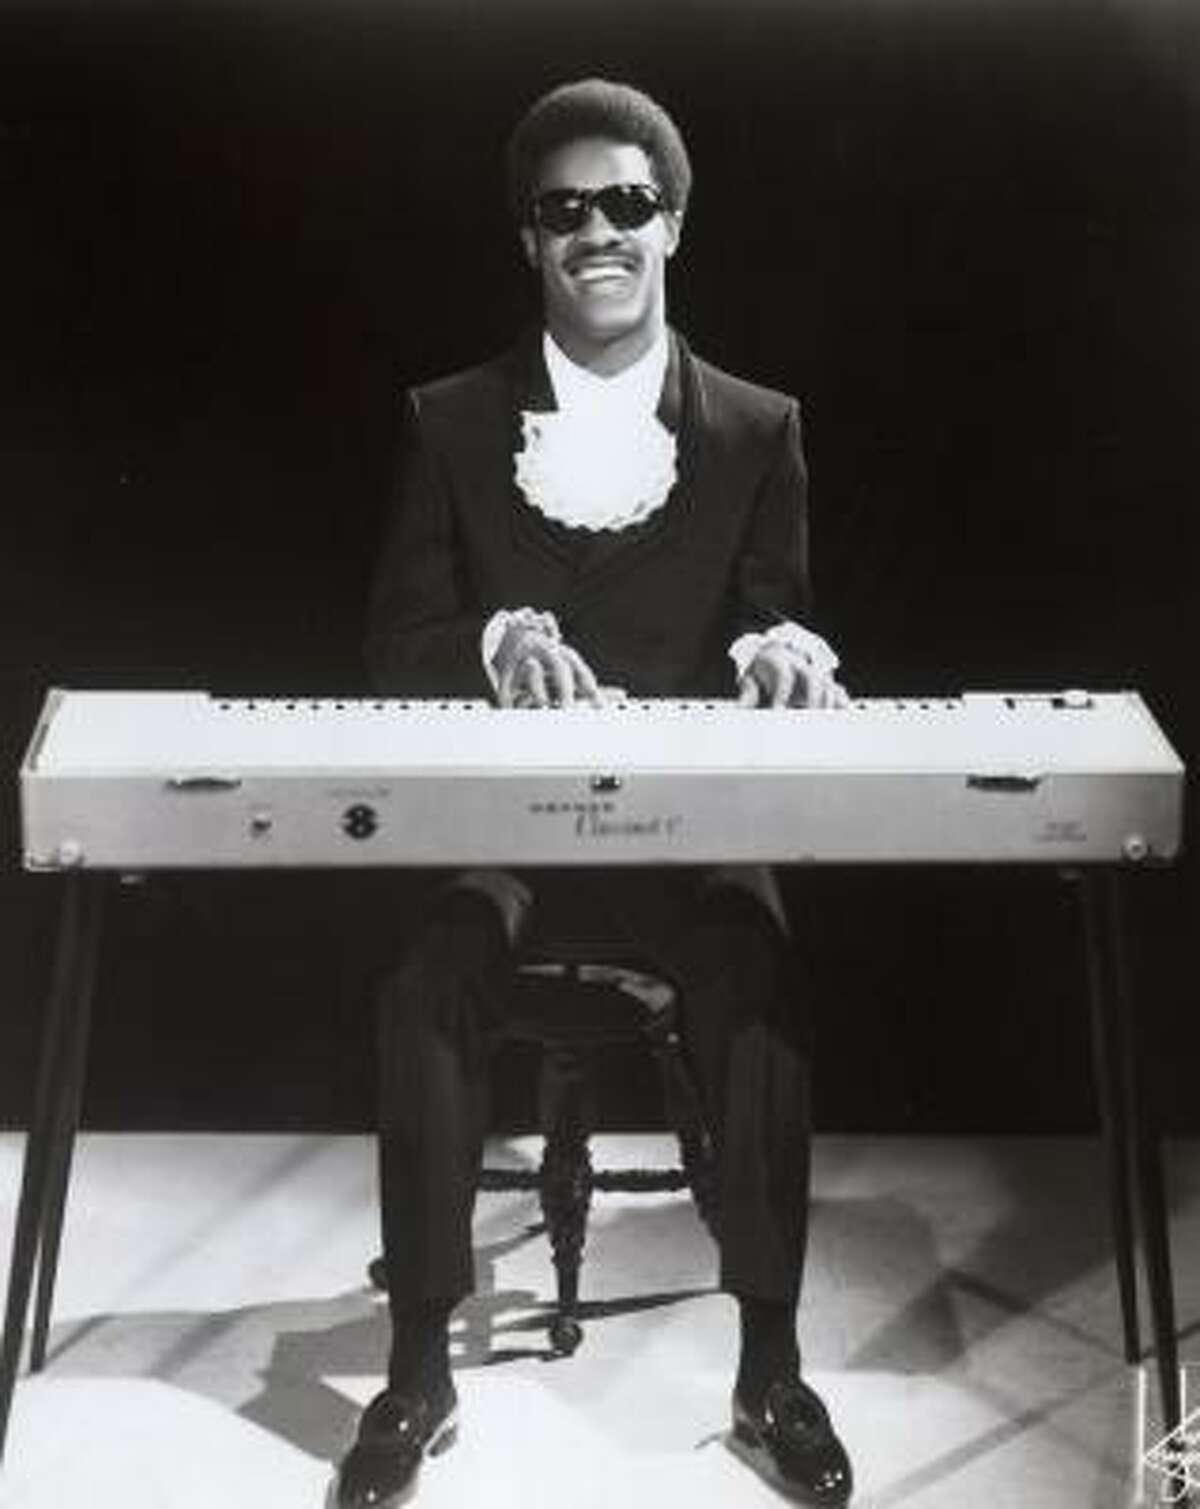 The clavinet defined Stevie Wonder's sound.